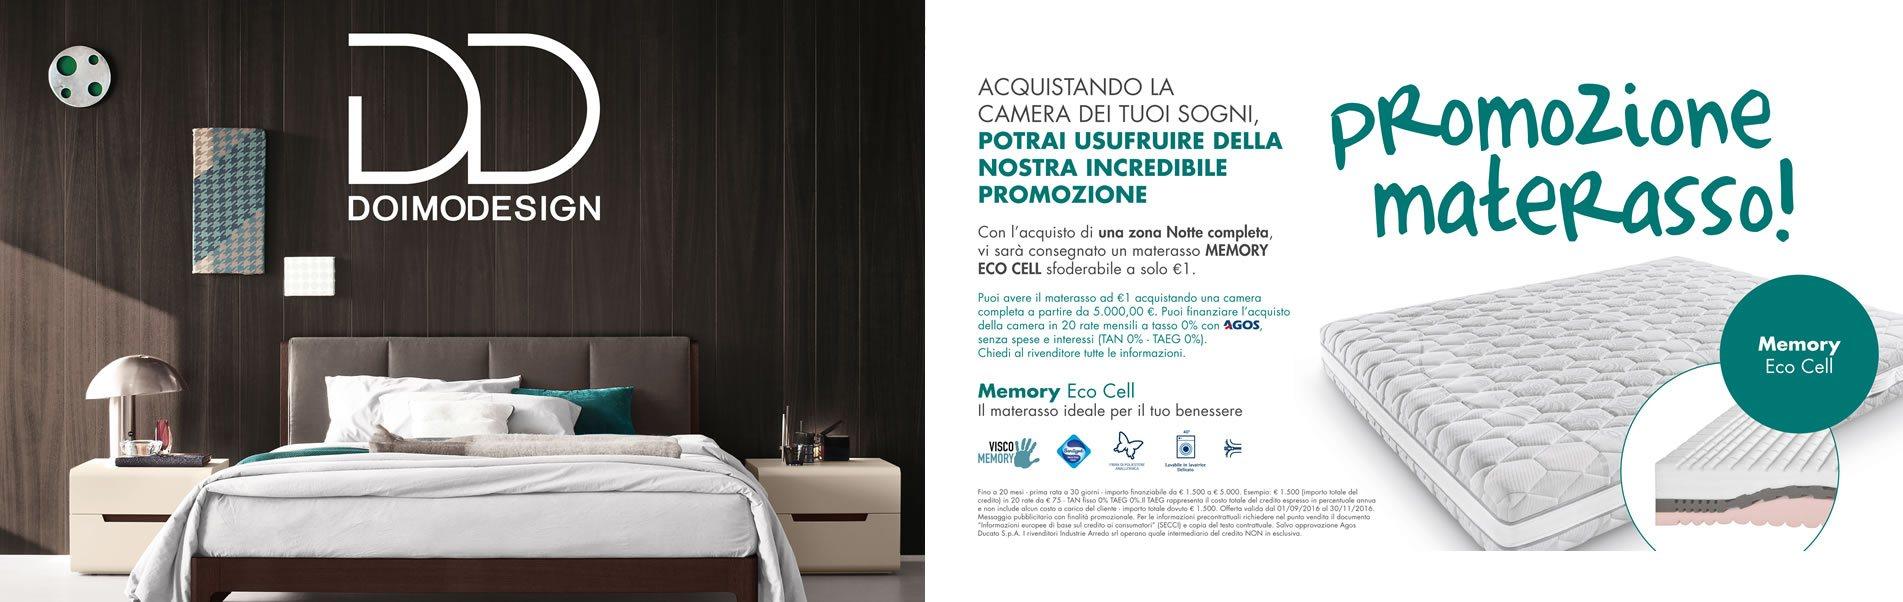 promozione bassi design: materasso memory eco cell gratis acquistando una zona notte